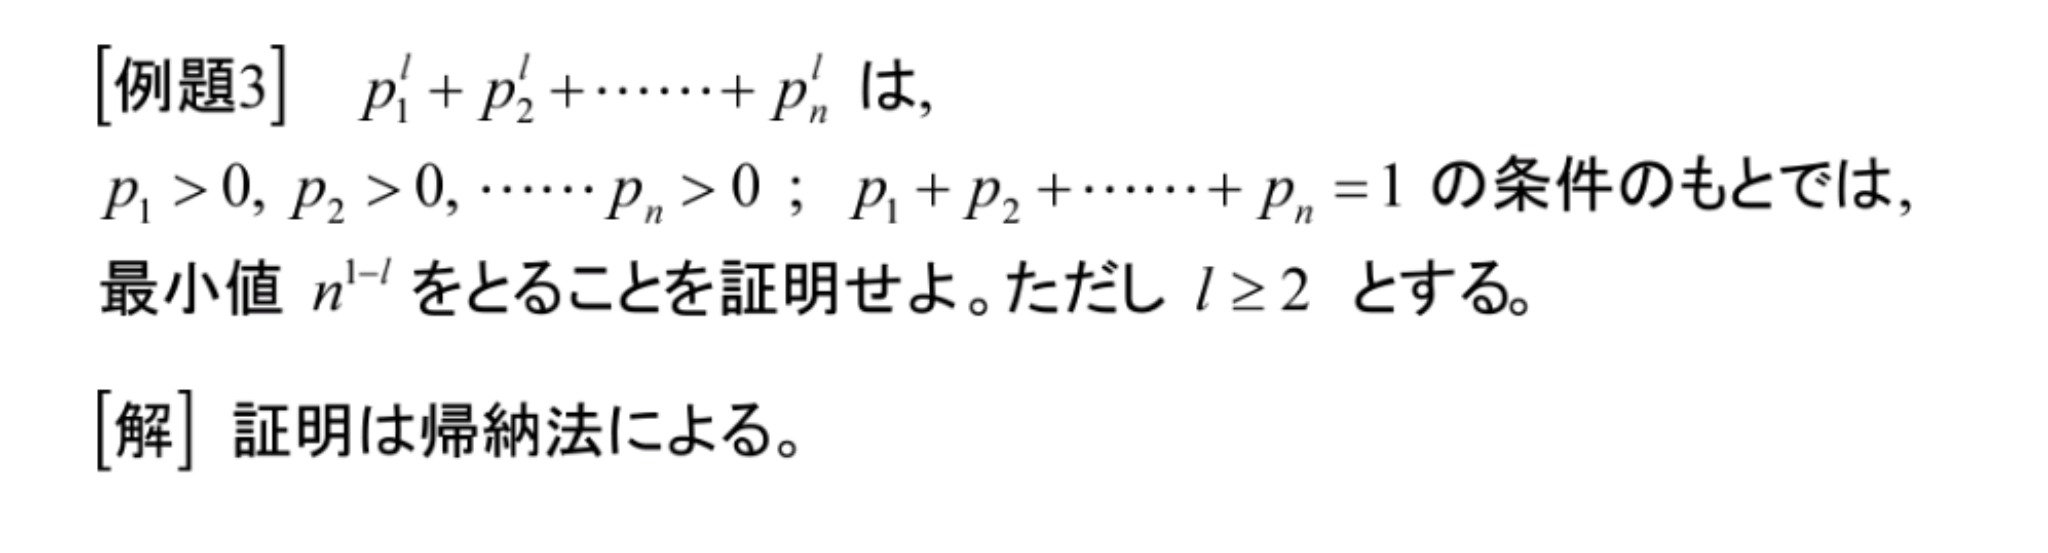 解析学演習《58》微分法_b0368745_15175711.png